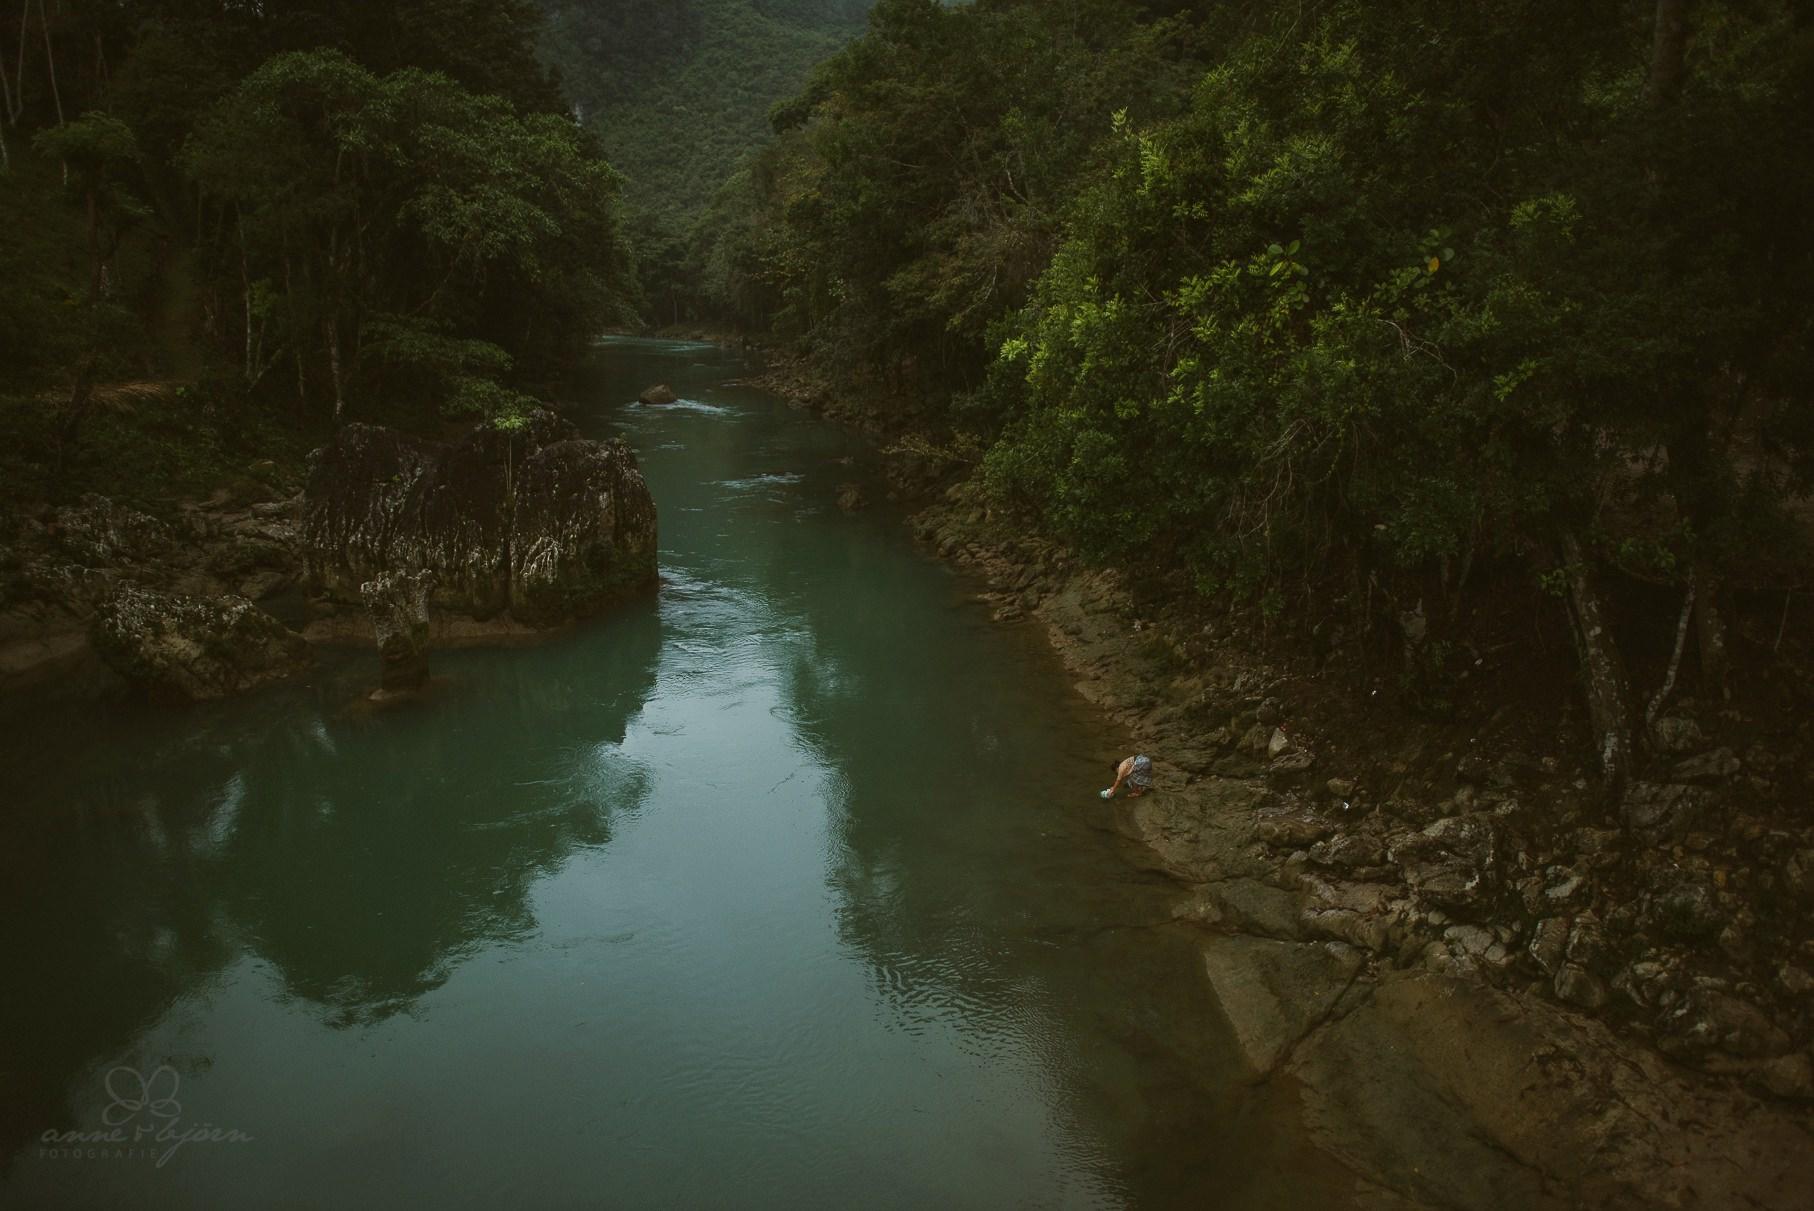 0180 anne und bjoern guatemala 811 3814 - 4 Wochen durch Guatemala - backpacking durch Mittelamerika